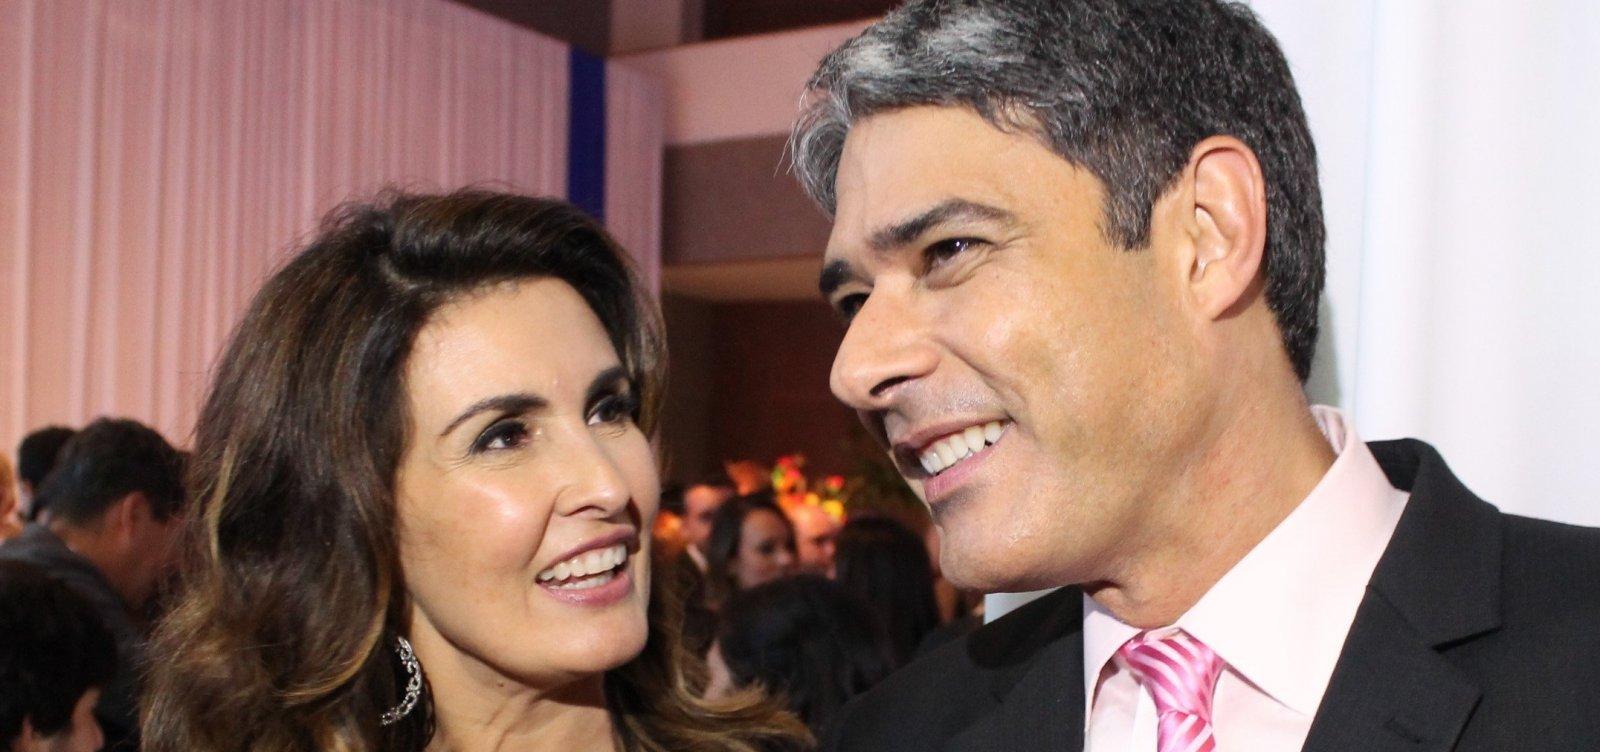 Fátima Bernardes se emociona com texto sobre fim do seu casamento com Bonner